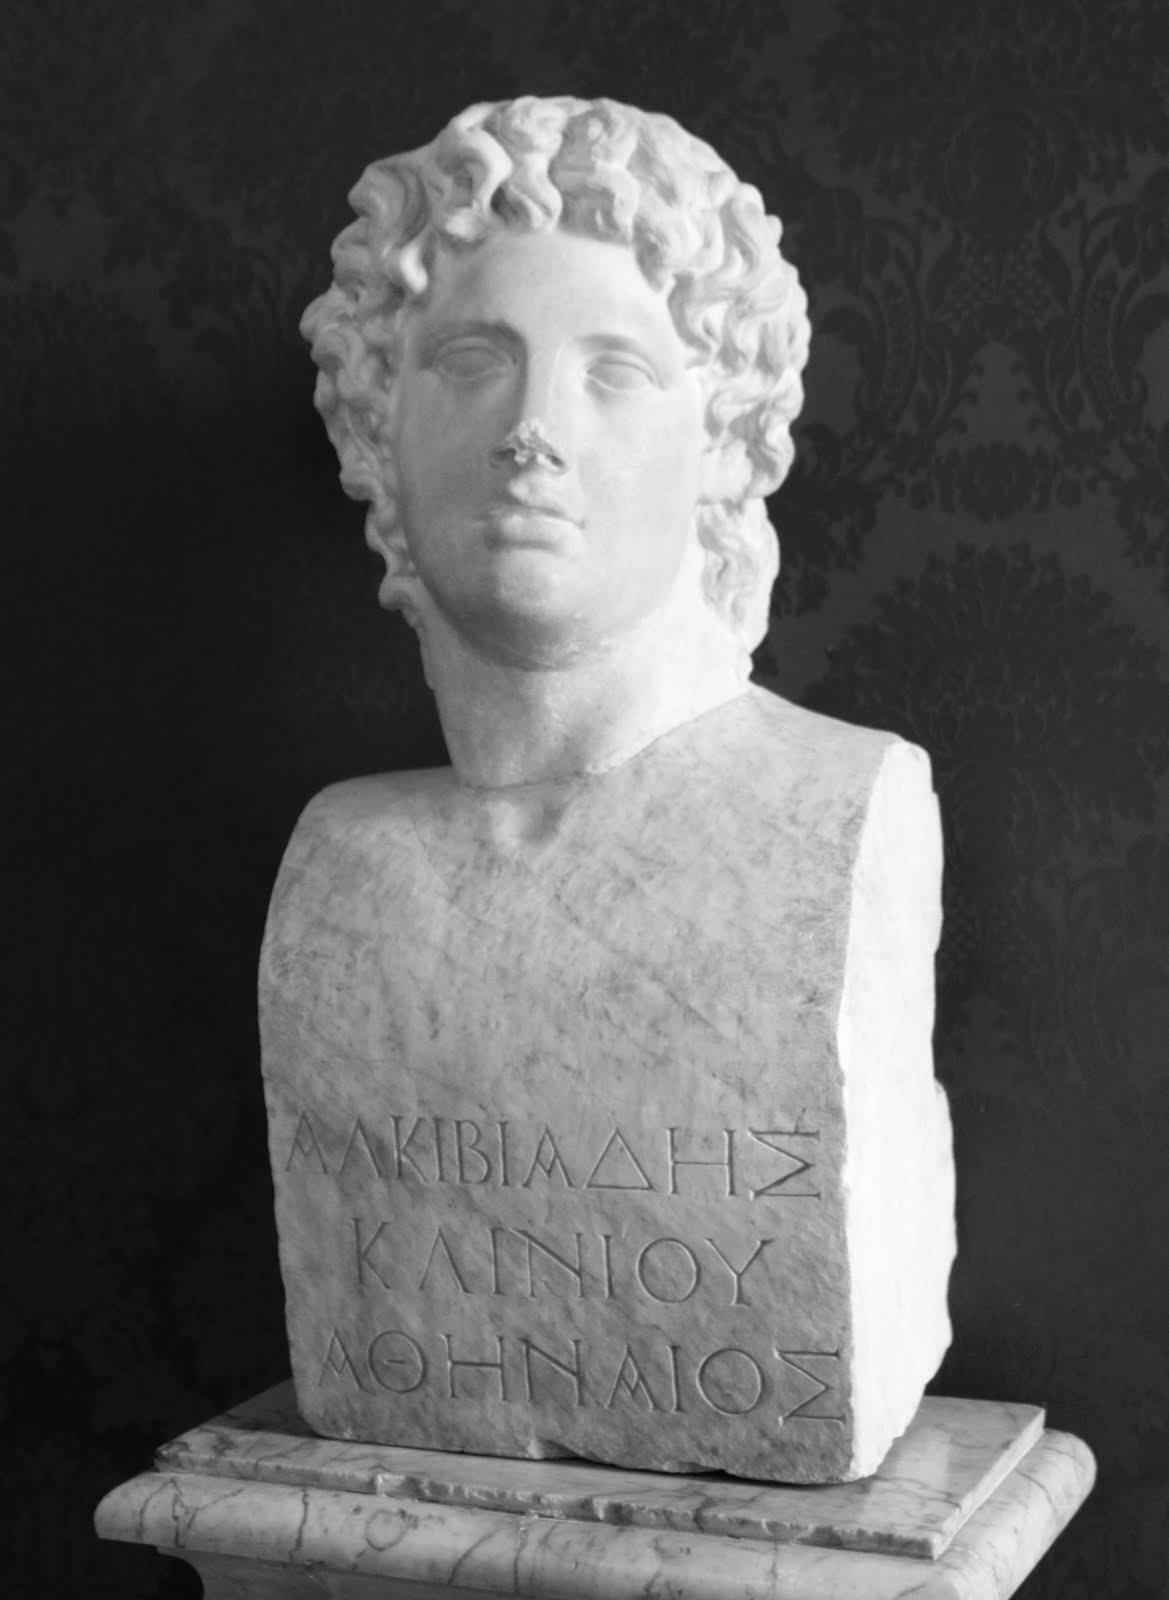 Busto de Alcibíades, político y general ateniense.